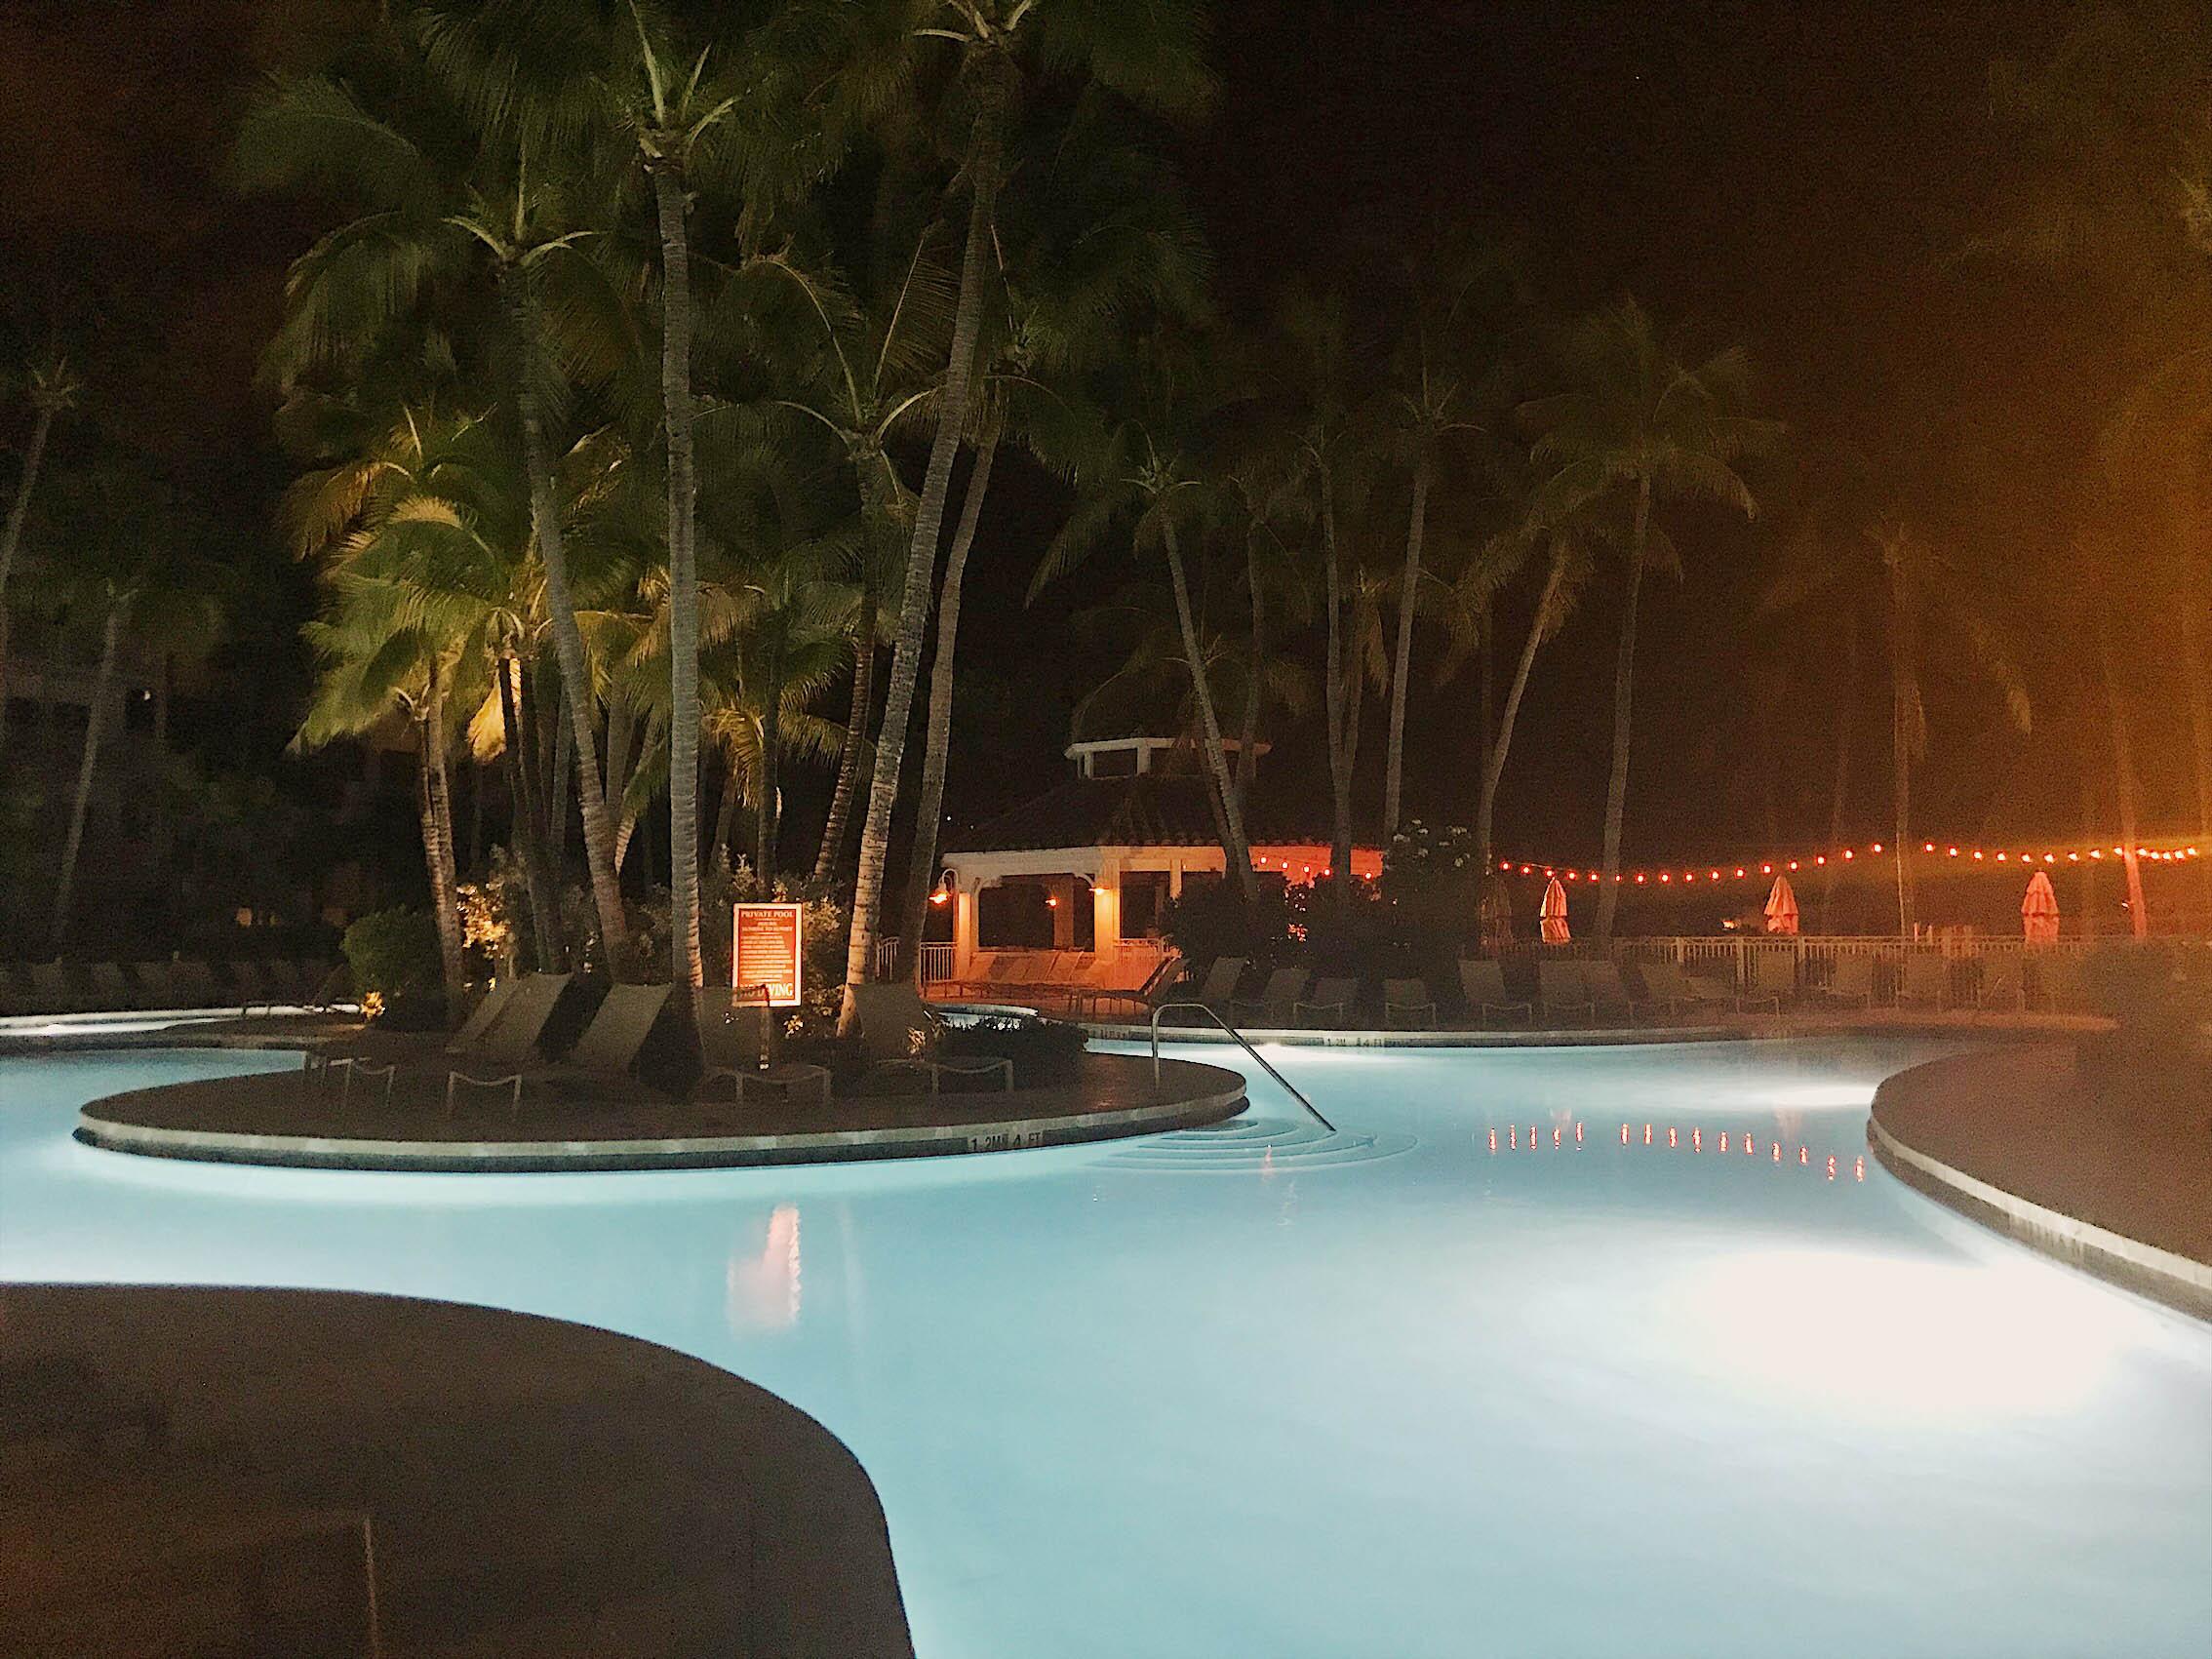 lagoon pool at night turtle lighting